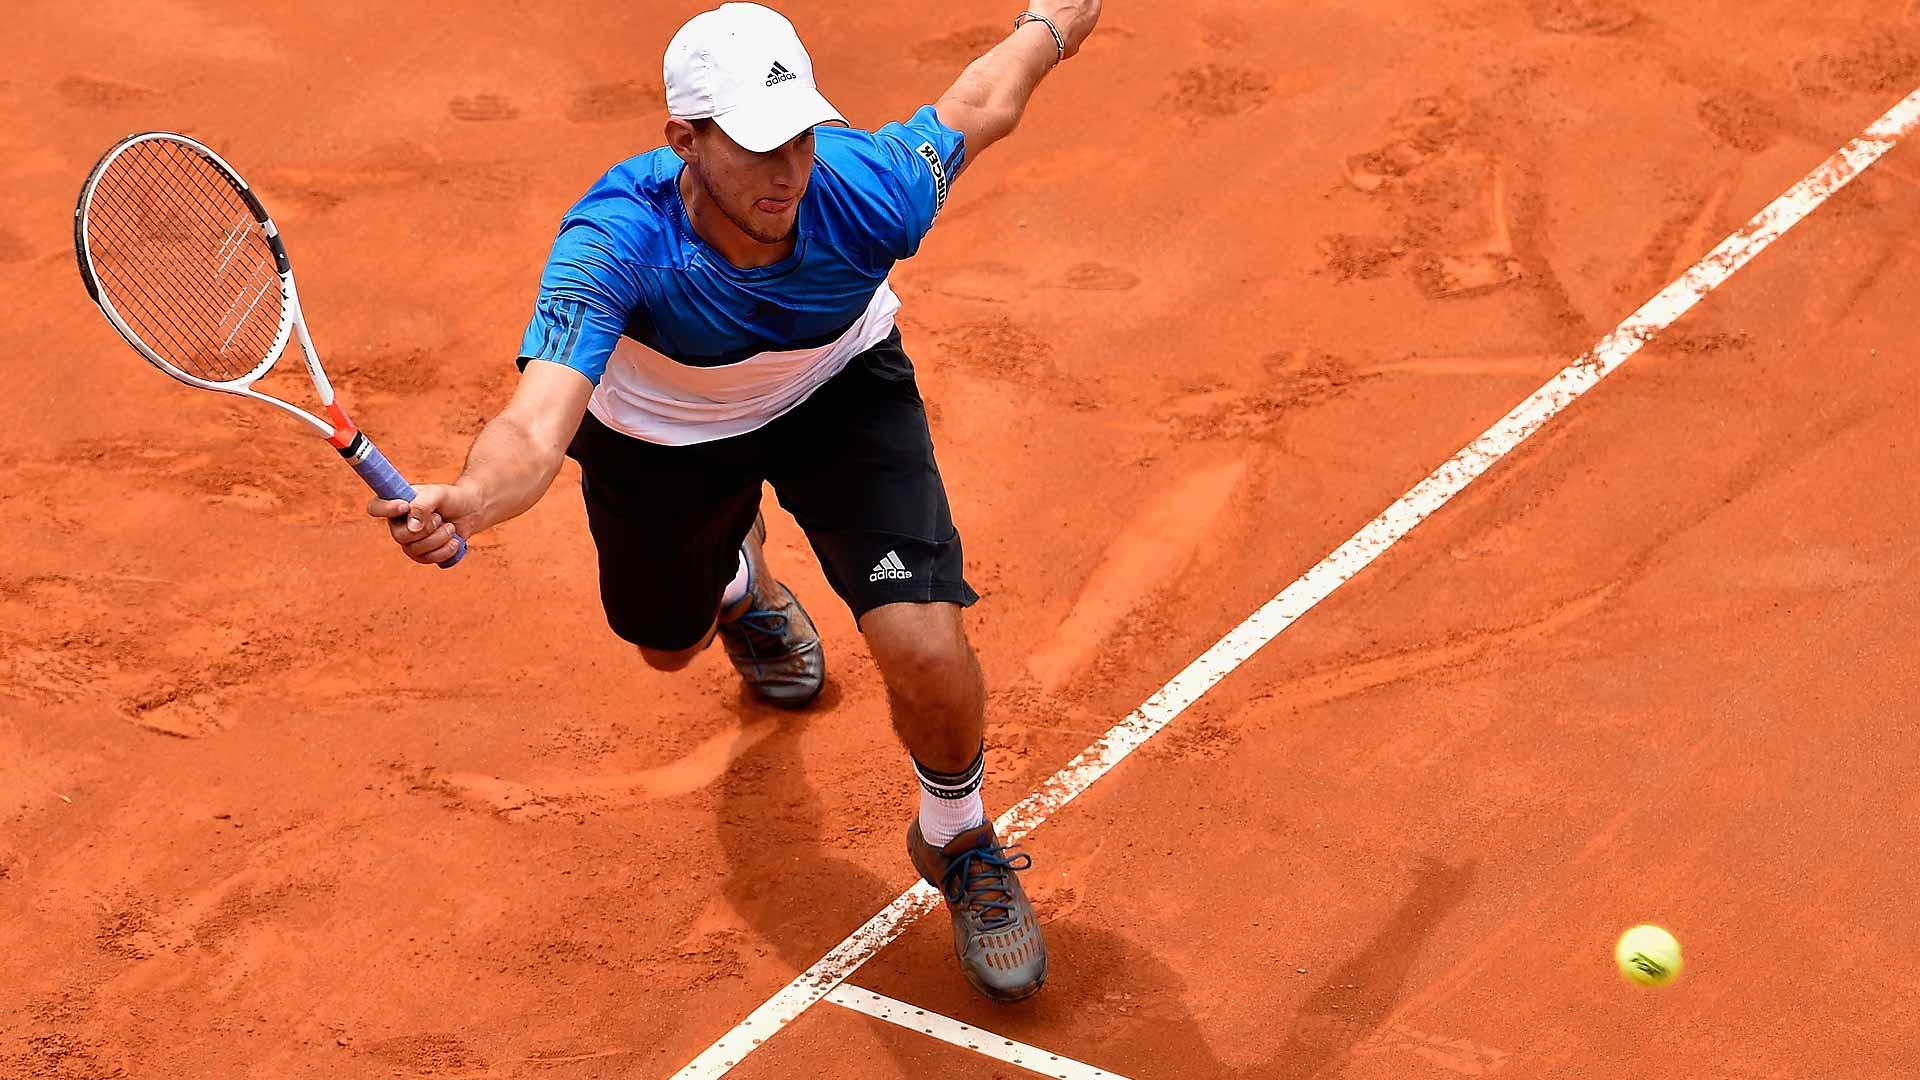 Questa di oggi è la seconda vittoria di Thiem contro Nadal, che conduce 4 a 2 gli H2H